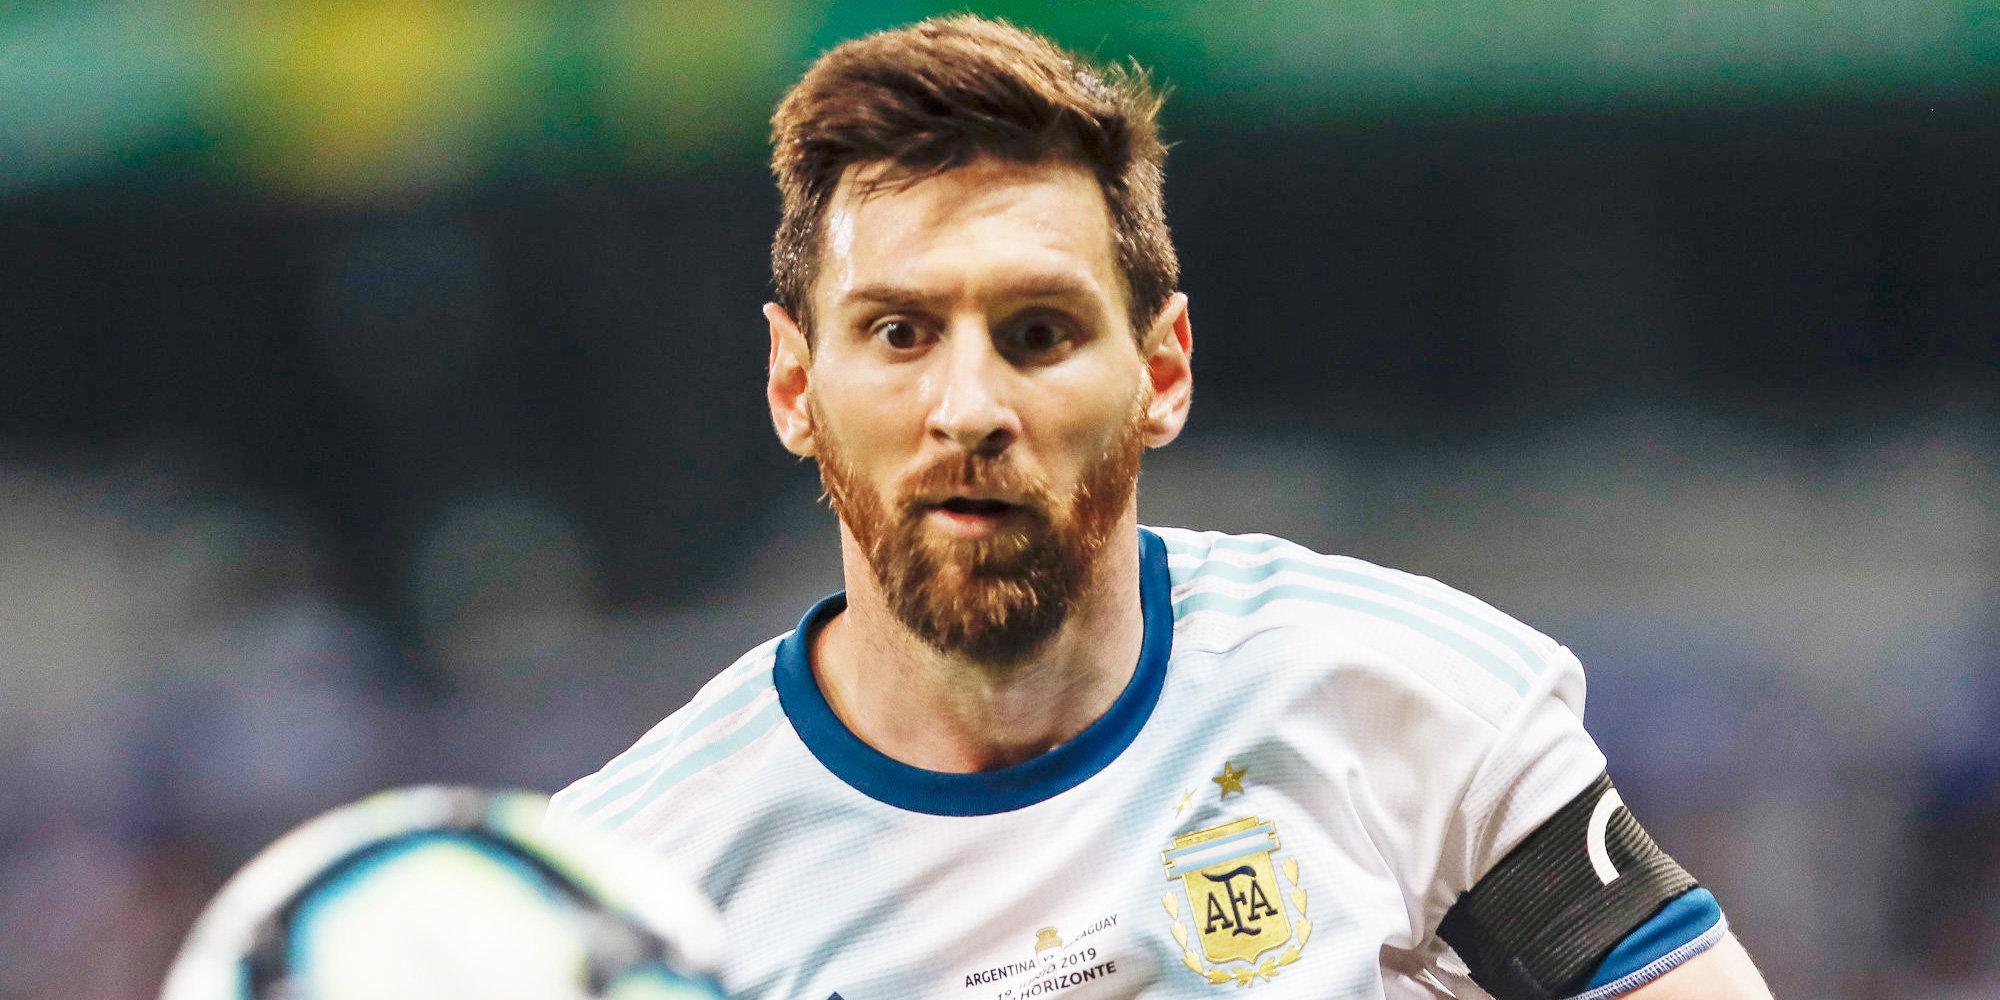 Сборная Аргентины с Месси в составе сыграла вничью с Парагваем